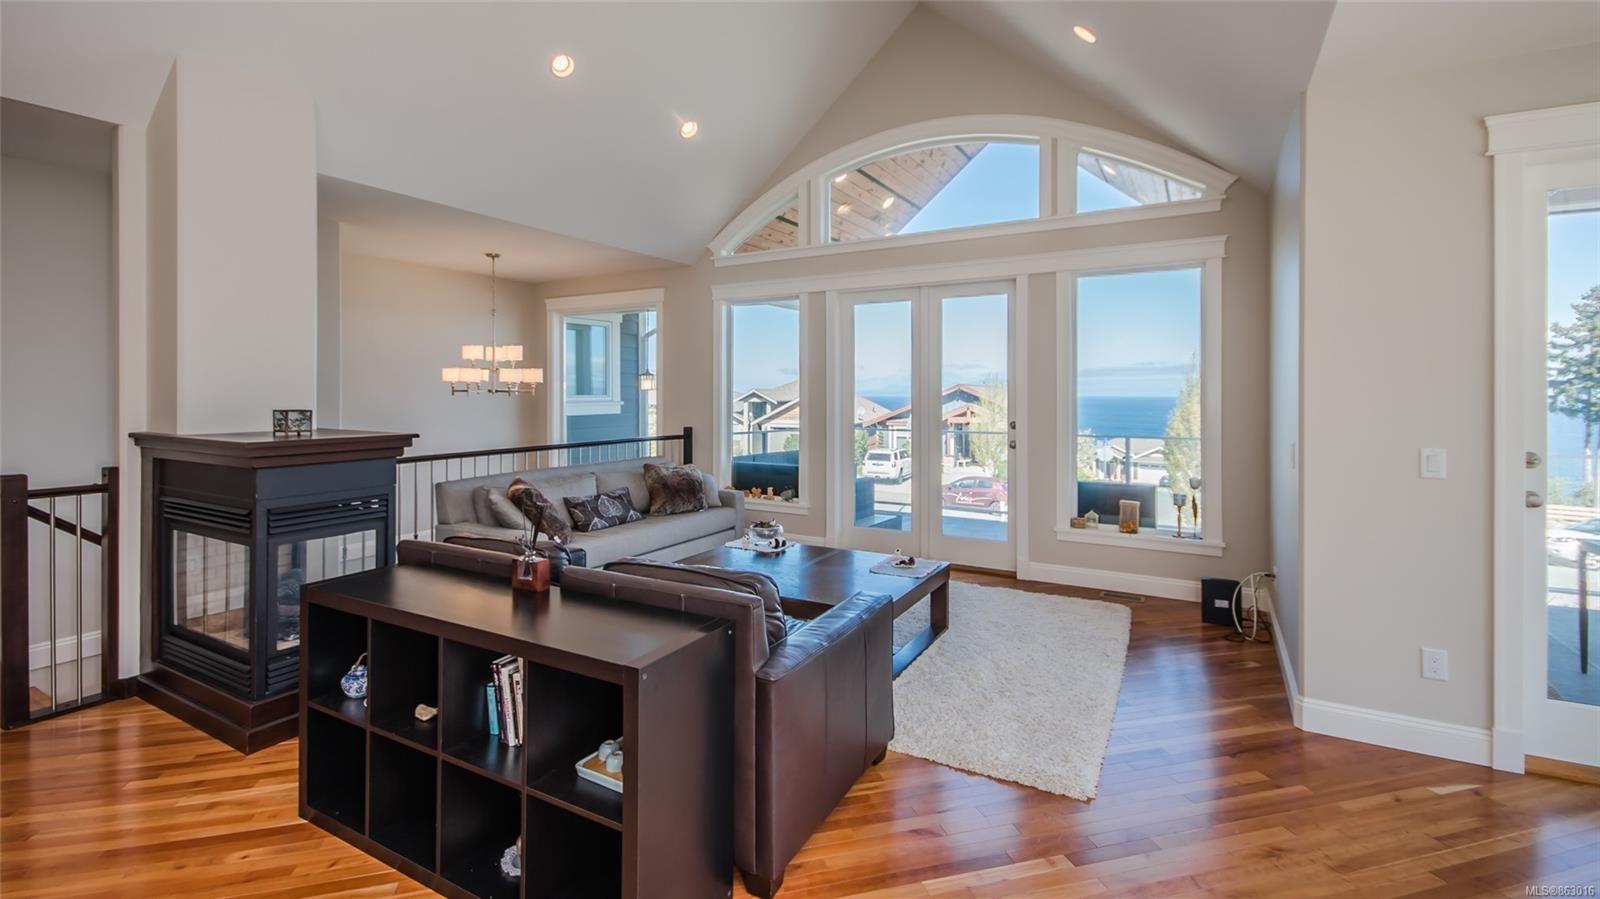 Photo 7: Photos: 5361 Laguna Way in : Na North Nanaimo House for sale (Nanaimo)  : MLS®# 863016